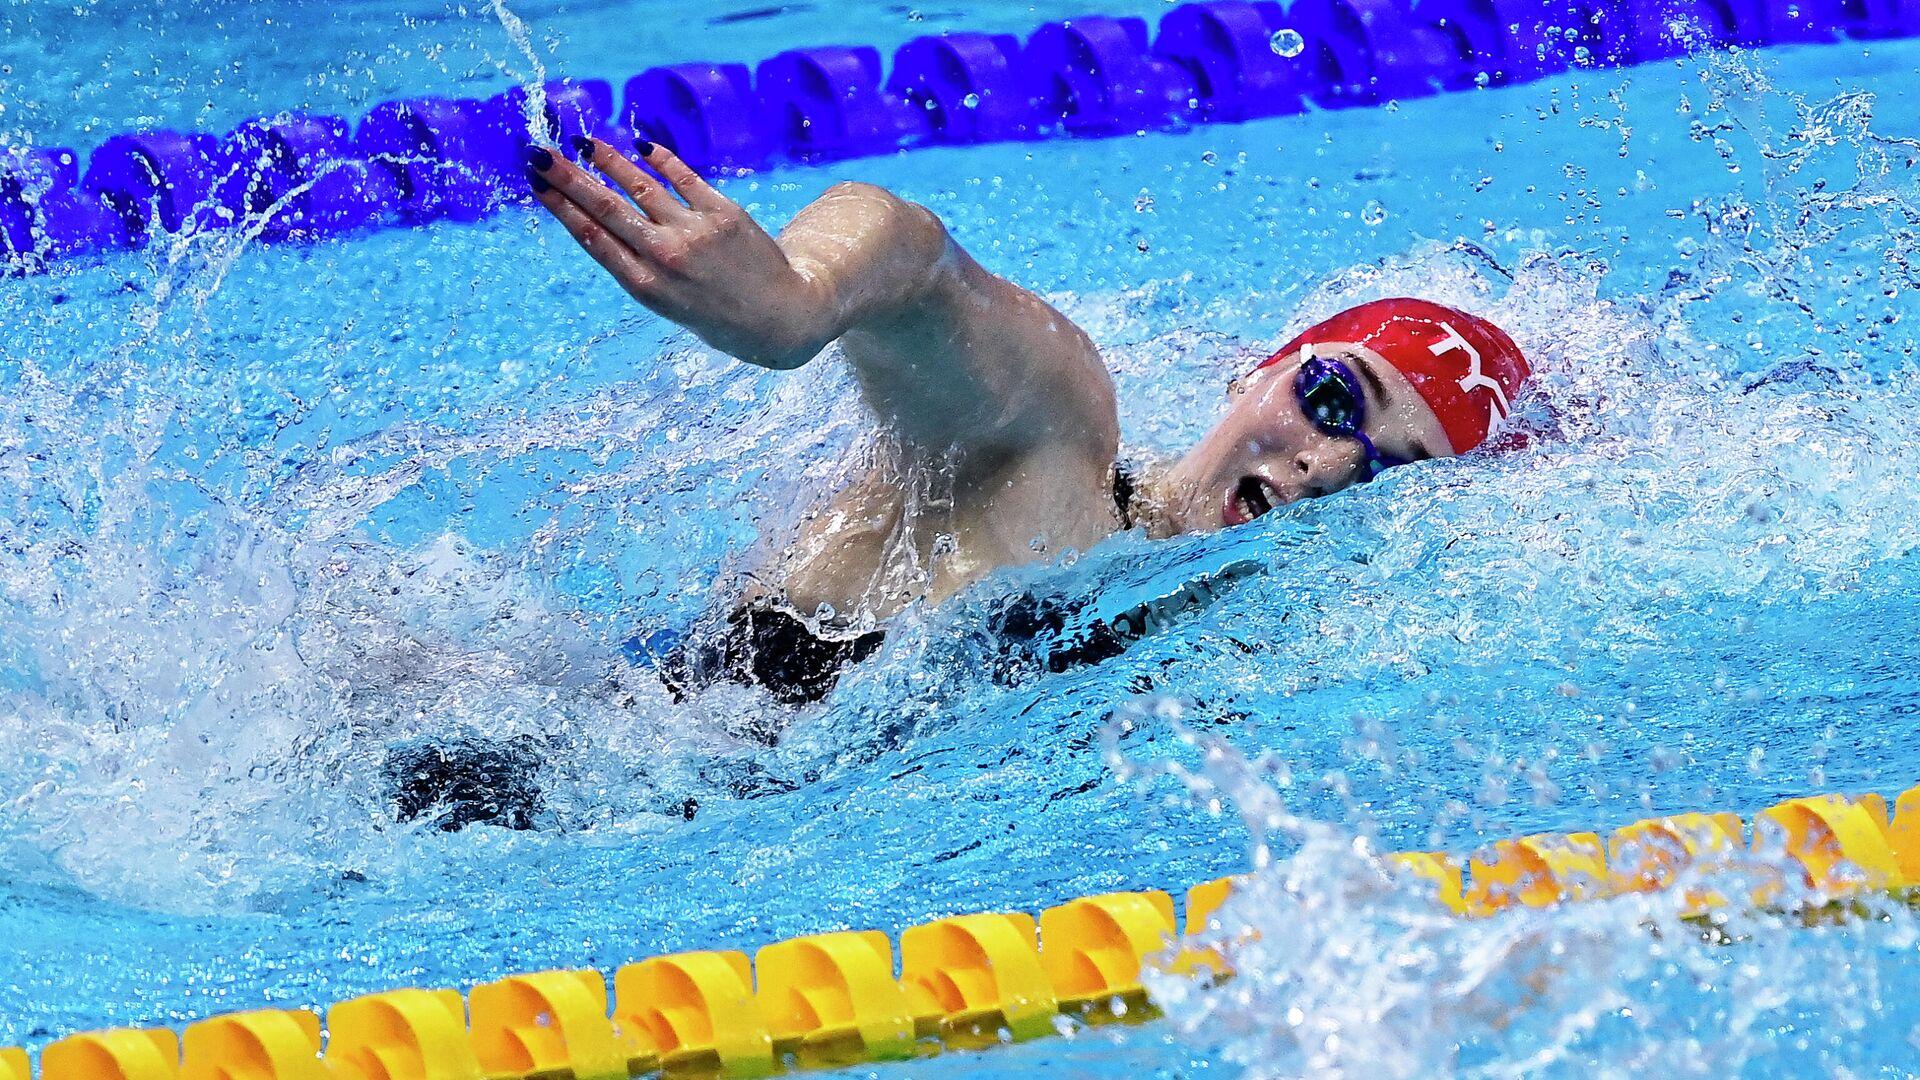 Представительница женской сборной Великобритании по плаванию Фрейя Андерсон - РИА Новости, 1920, 17.05.2021